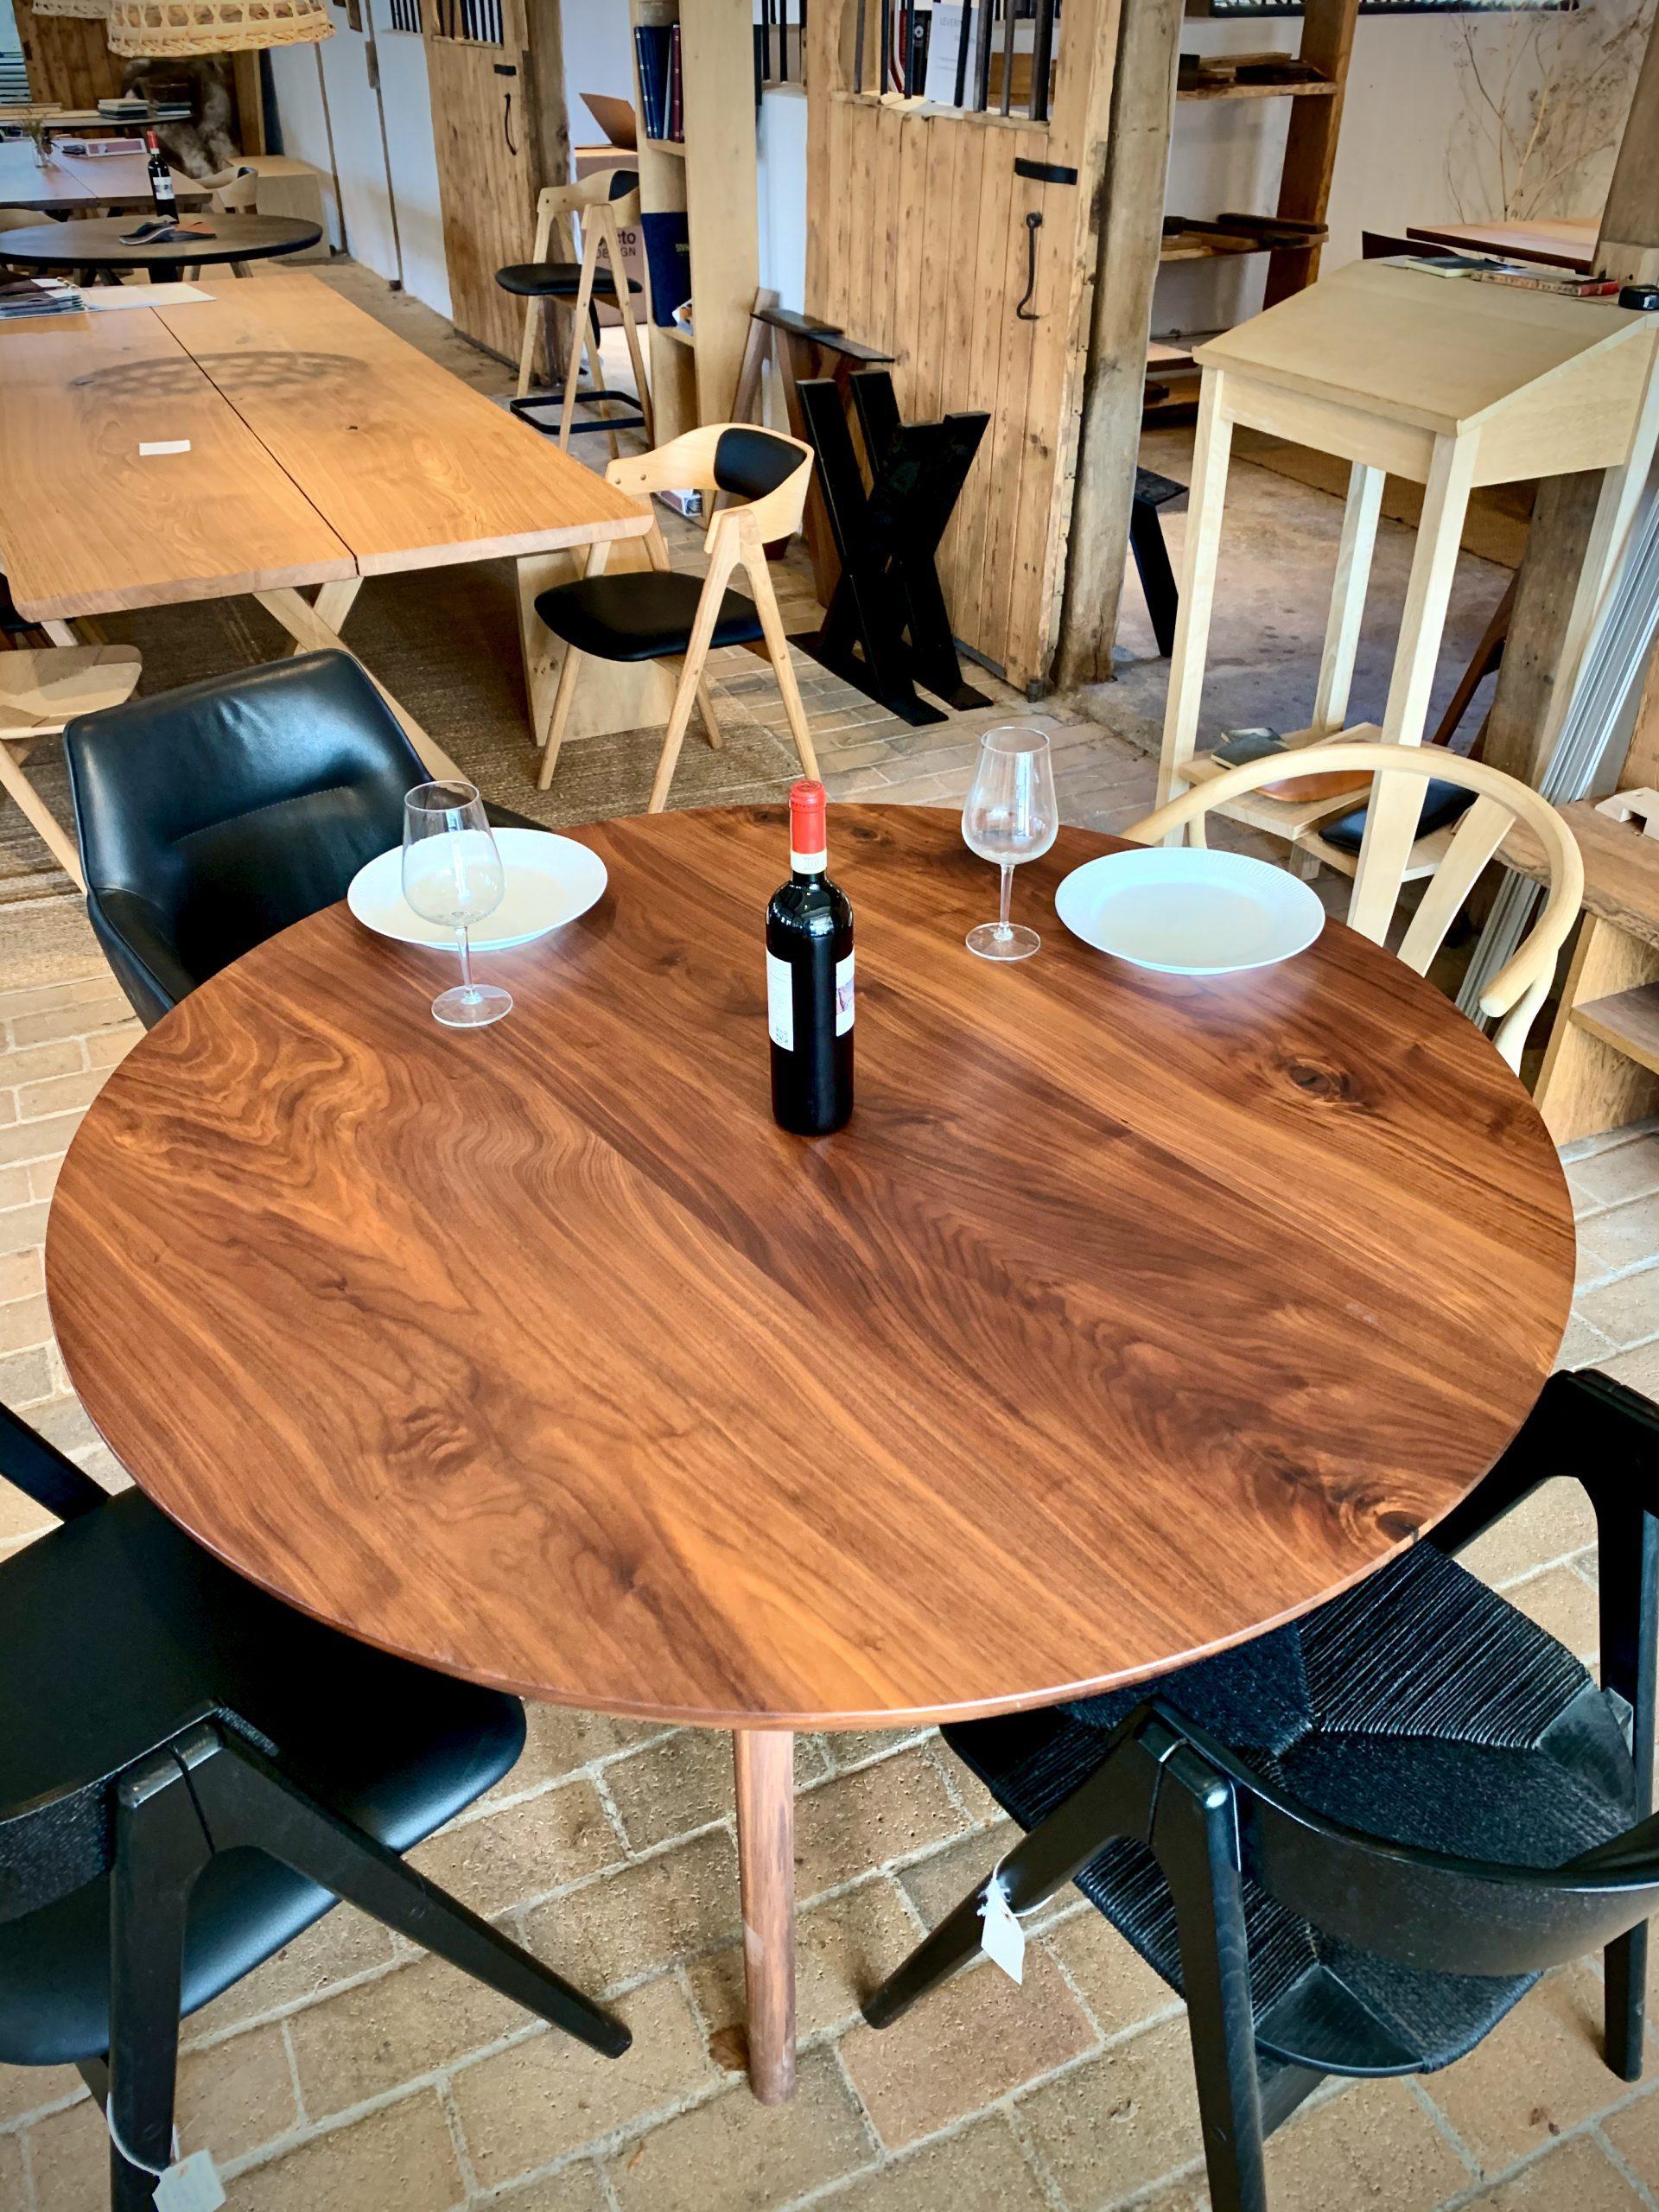 Rundt plankebord i valnoed 2021 kaerbygaard 2021 med udtryk og 2 tillaegsplader inkl mette spisebordsstole 4 scaled